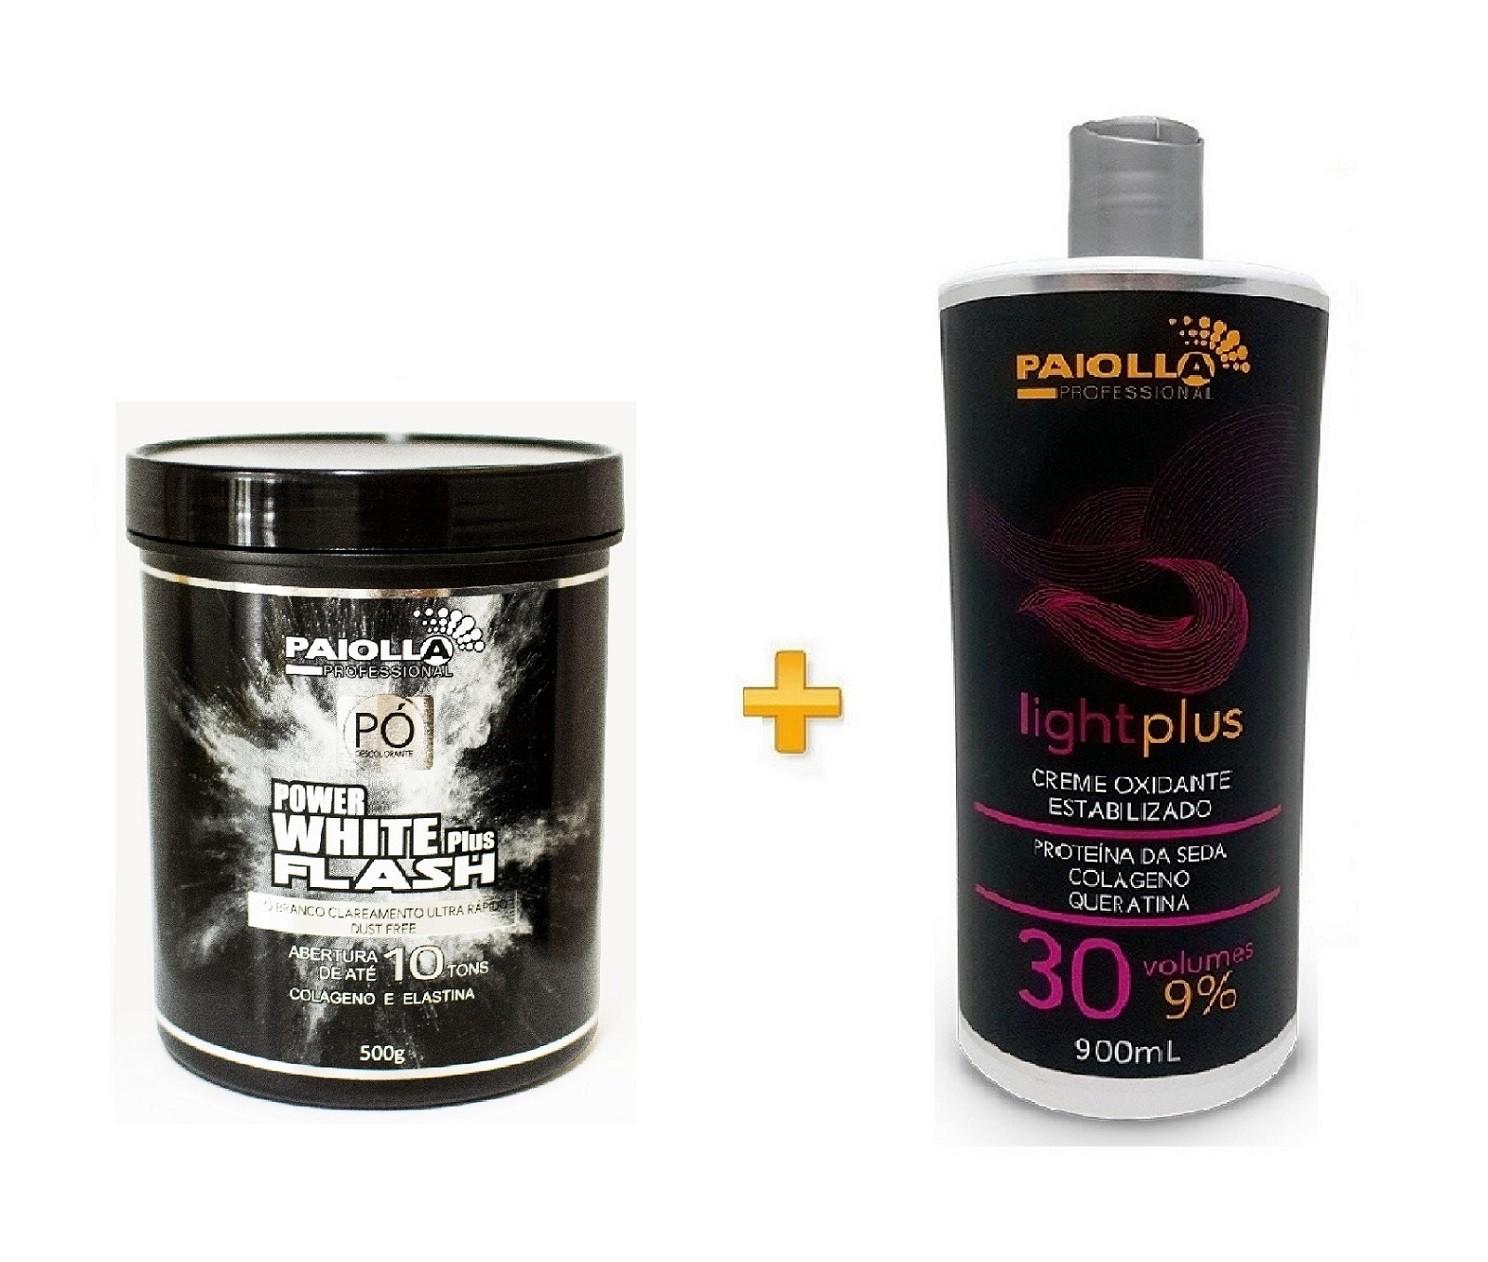 COMBO Pó Descolorante Power White Flash 500g + Creme Oxidante Estabilizado 30 volumes